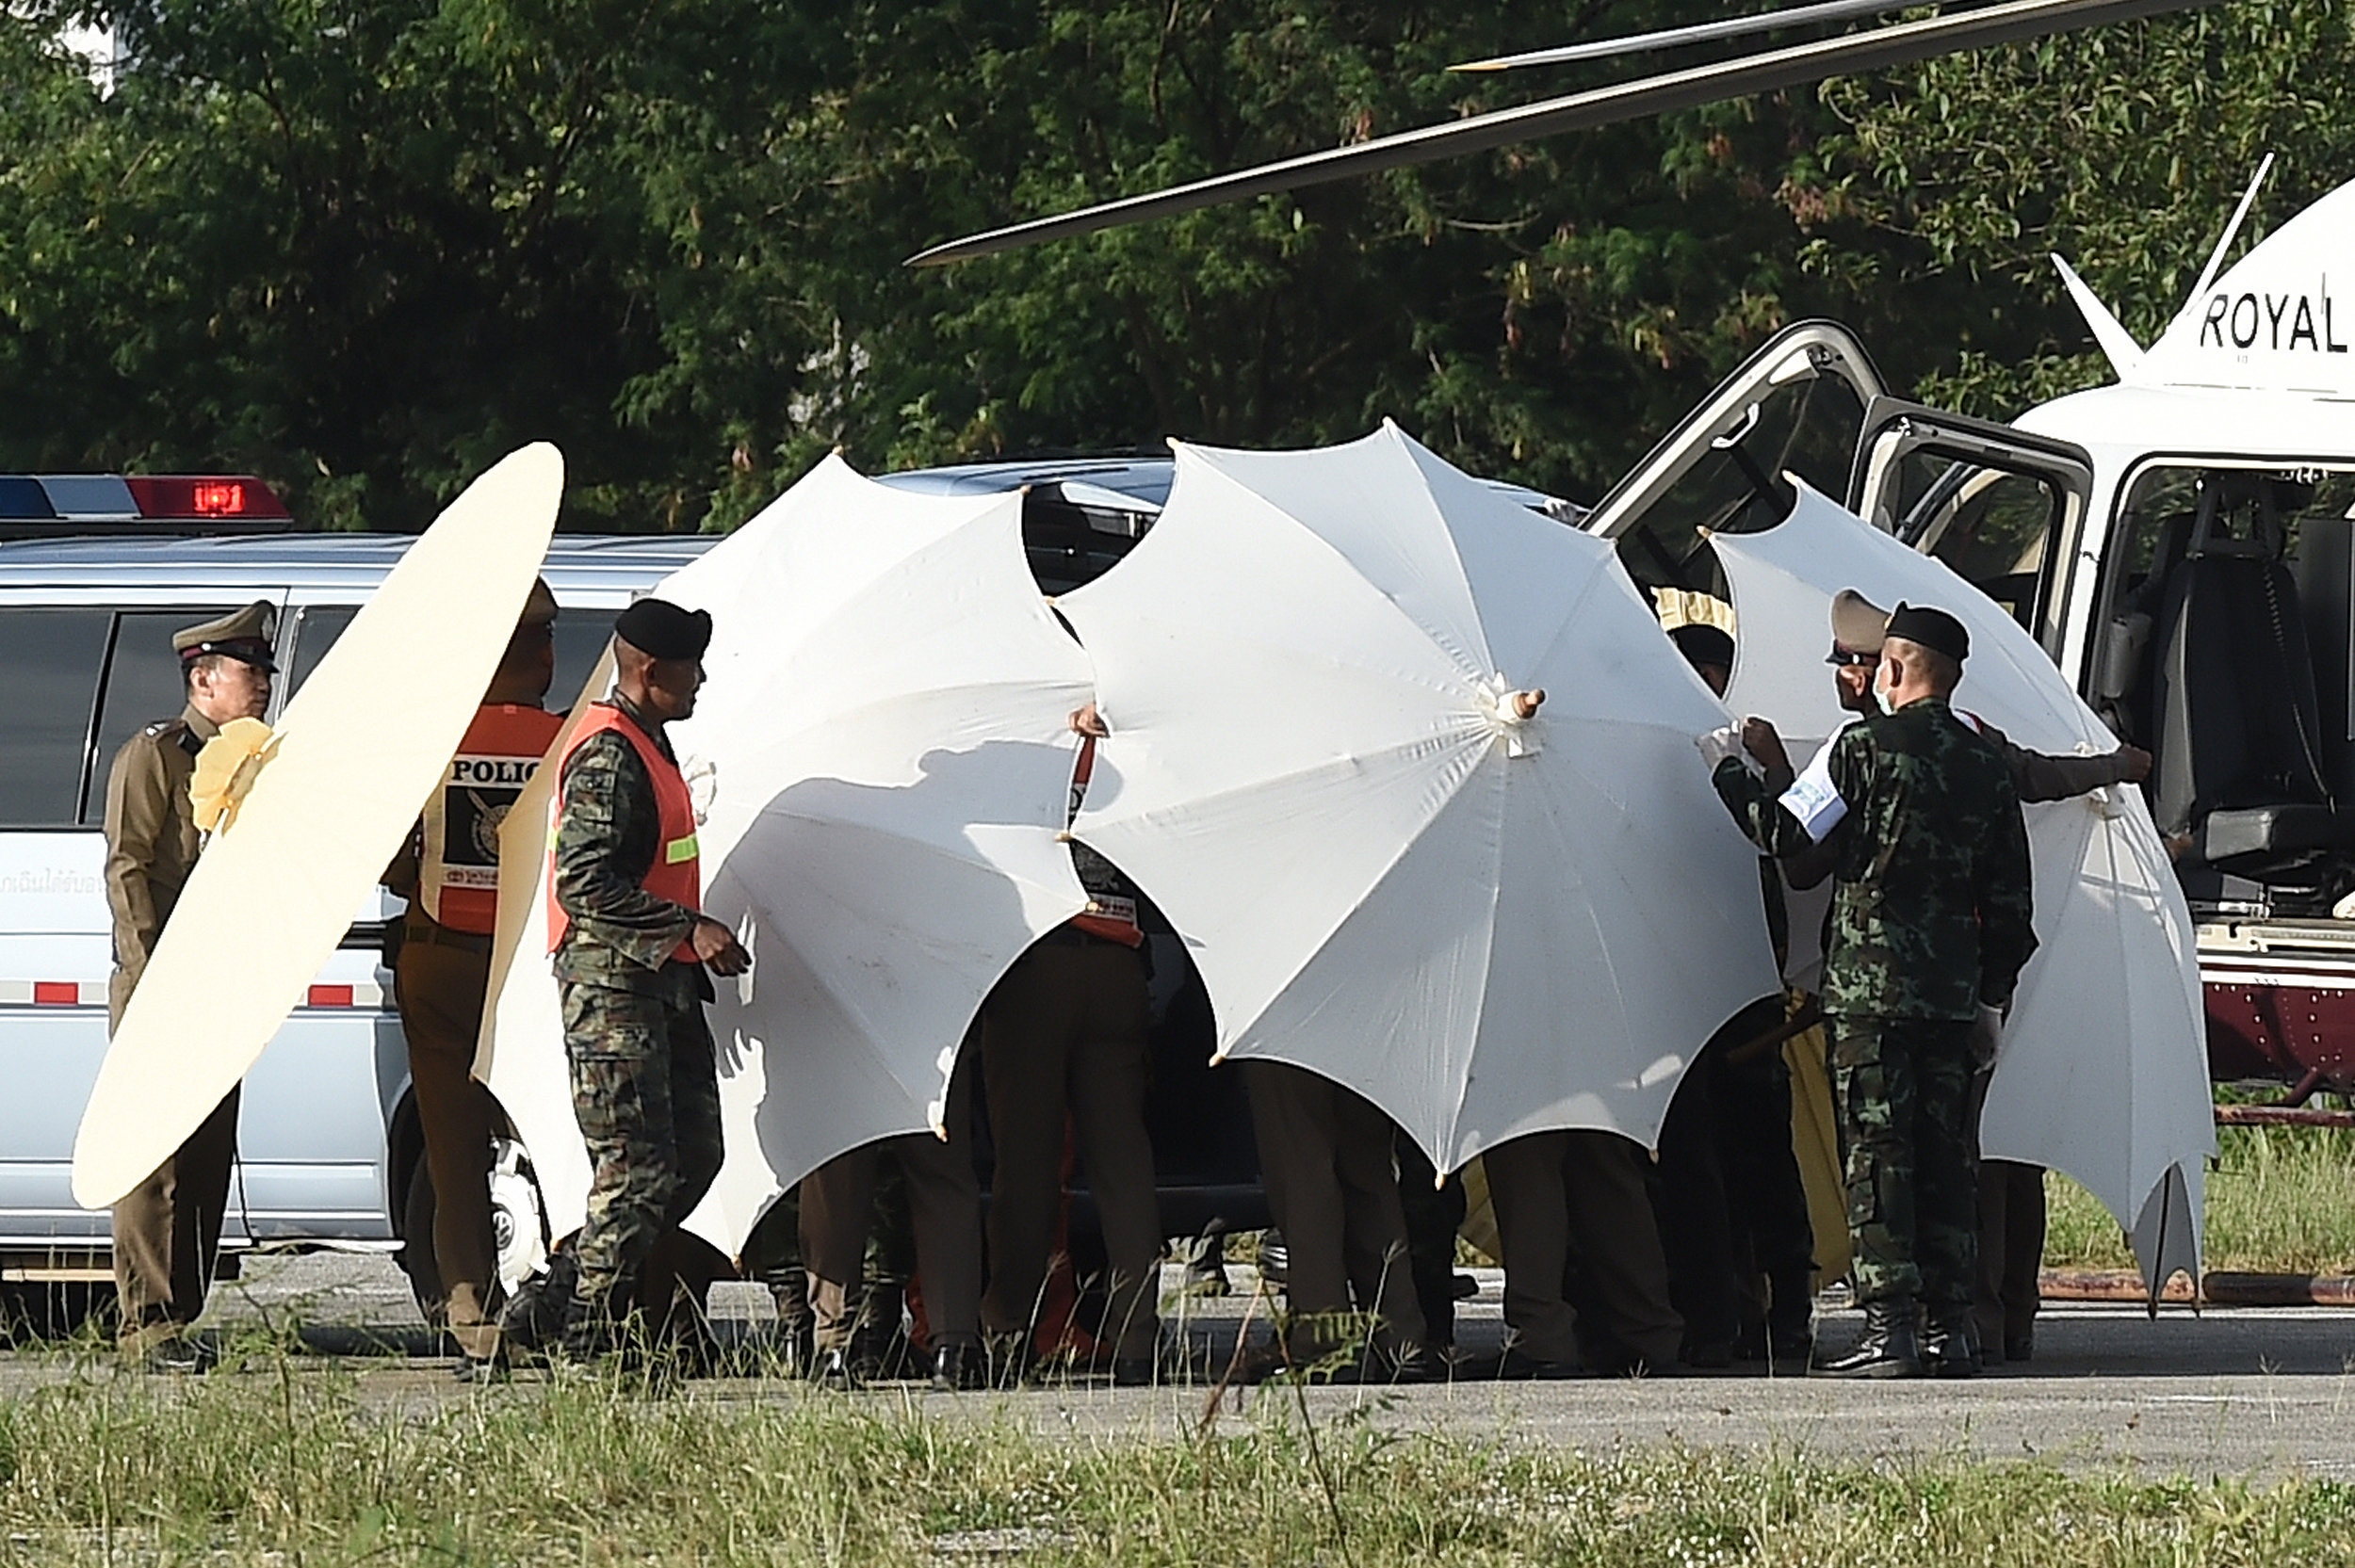 Полиция и военные с помощью непроницаемых зонтов скрывают от прессы процесс транспортировки детей